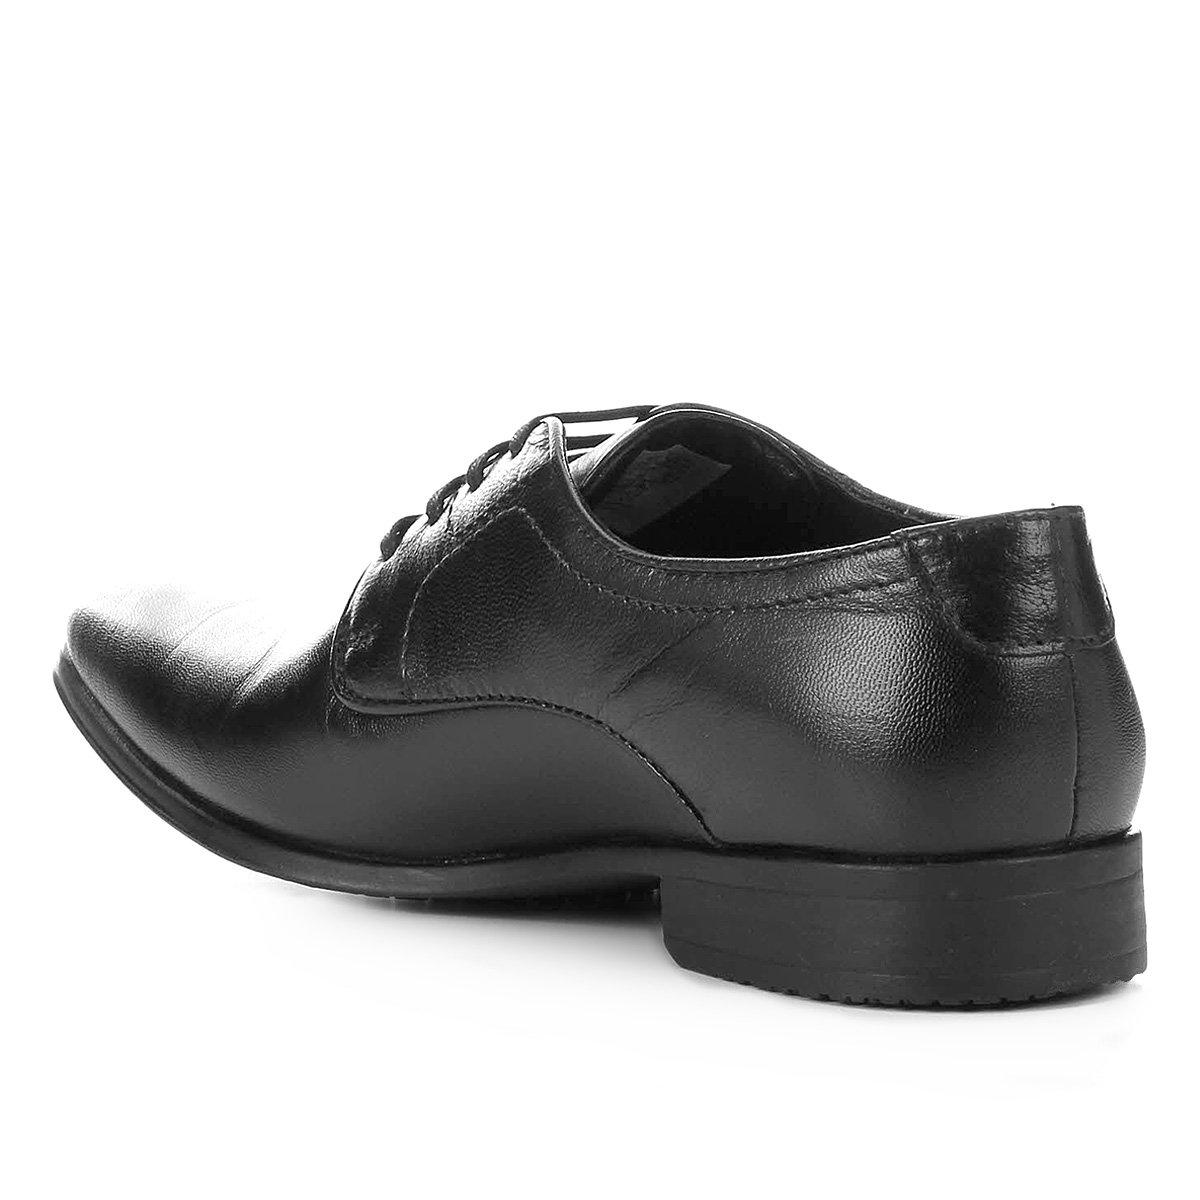 Sapato Social Couro Pipper Spencer - Preto